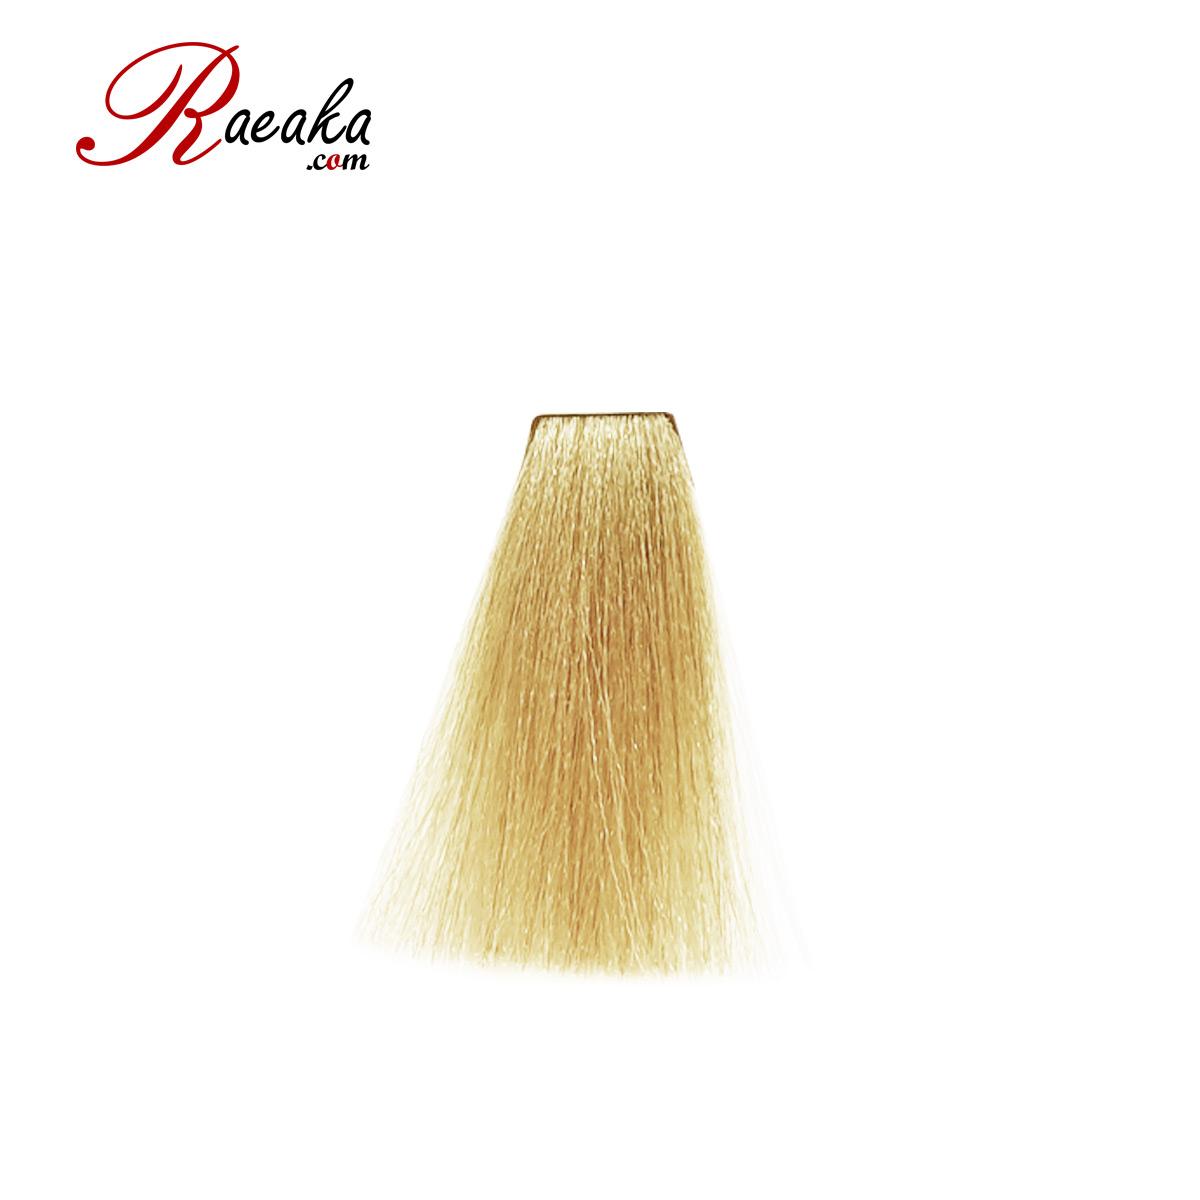 رنگ مو دوشس سری کاراملی شماره 83-9 حجم 125 میلی لیتر